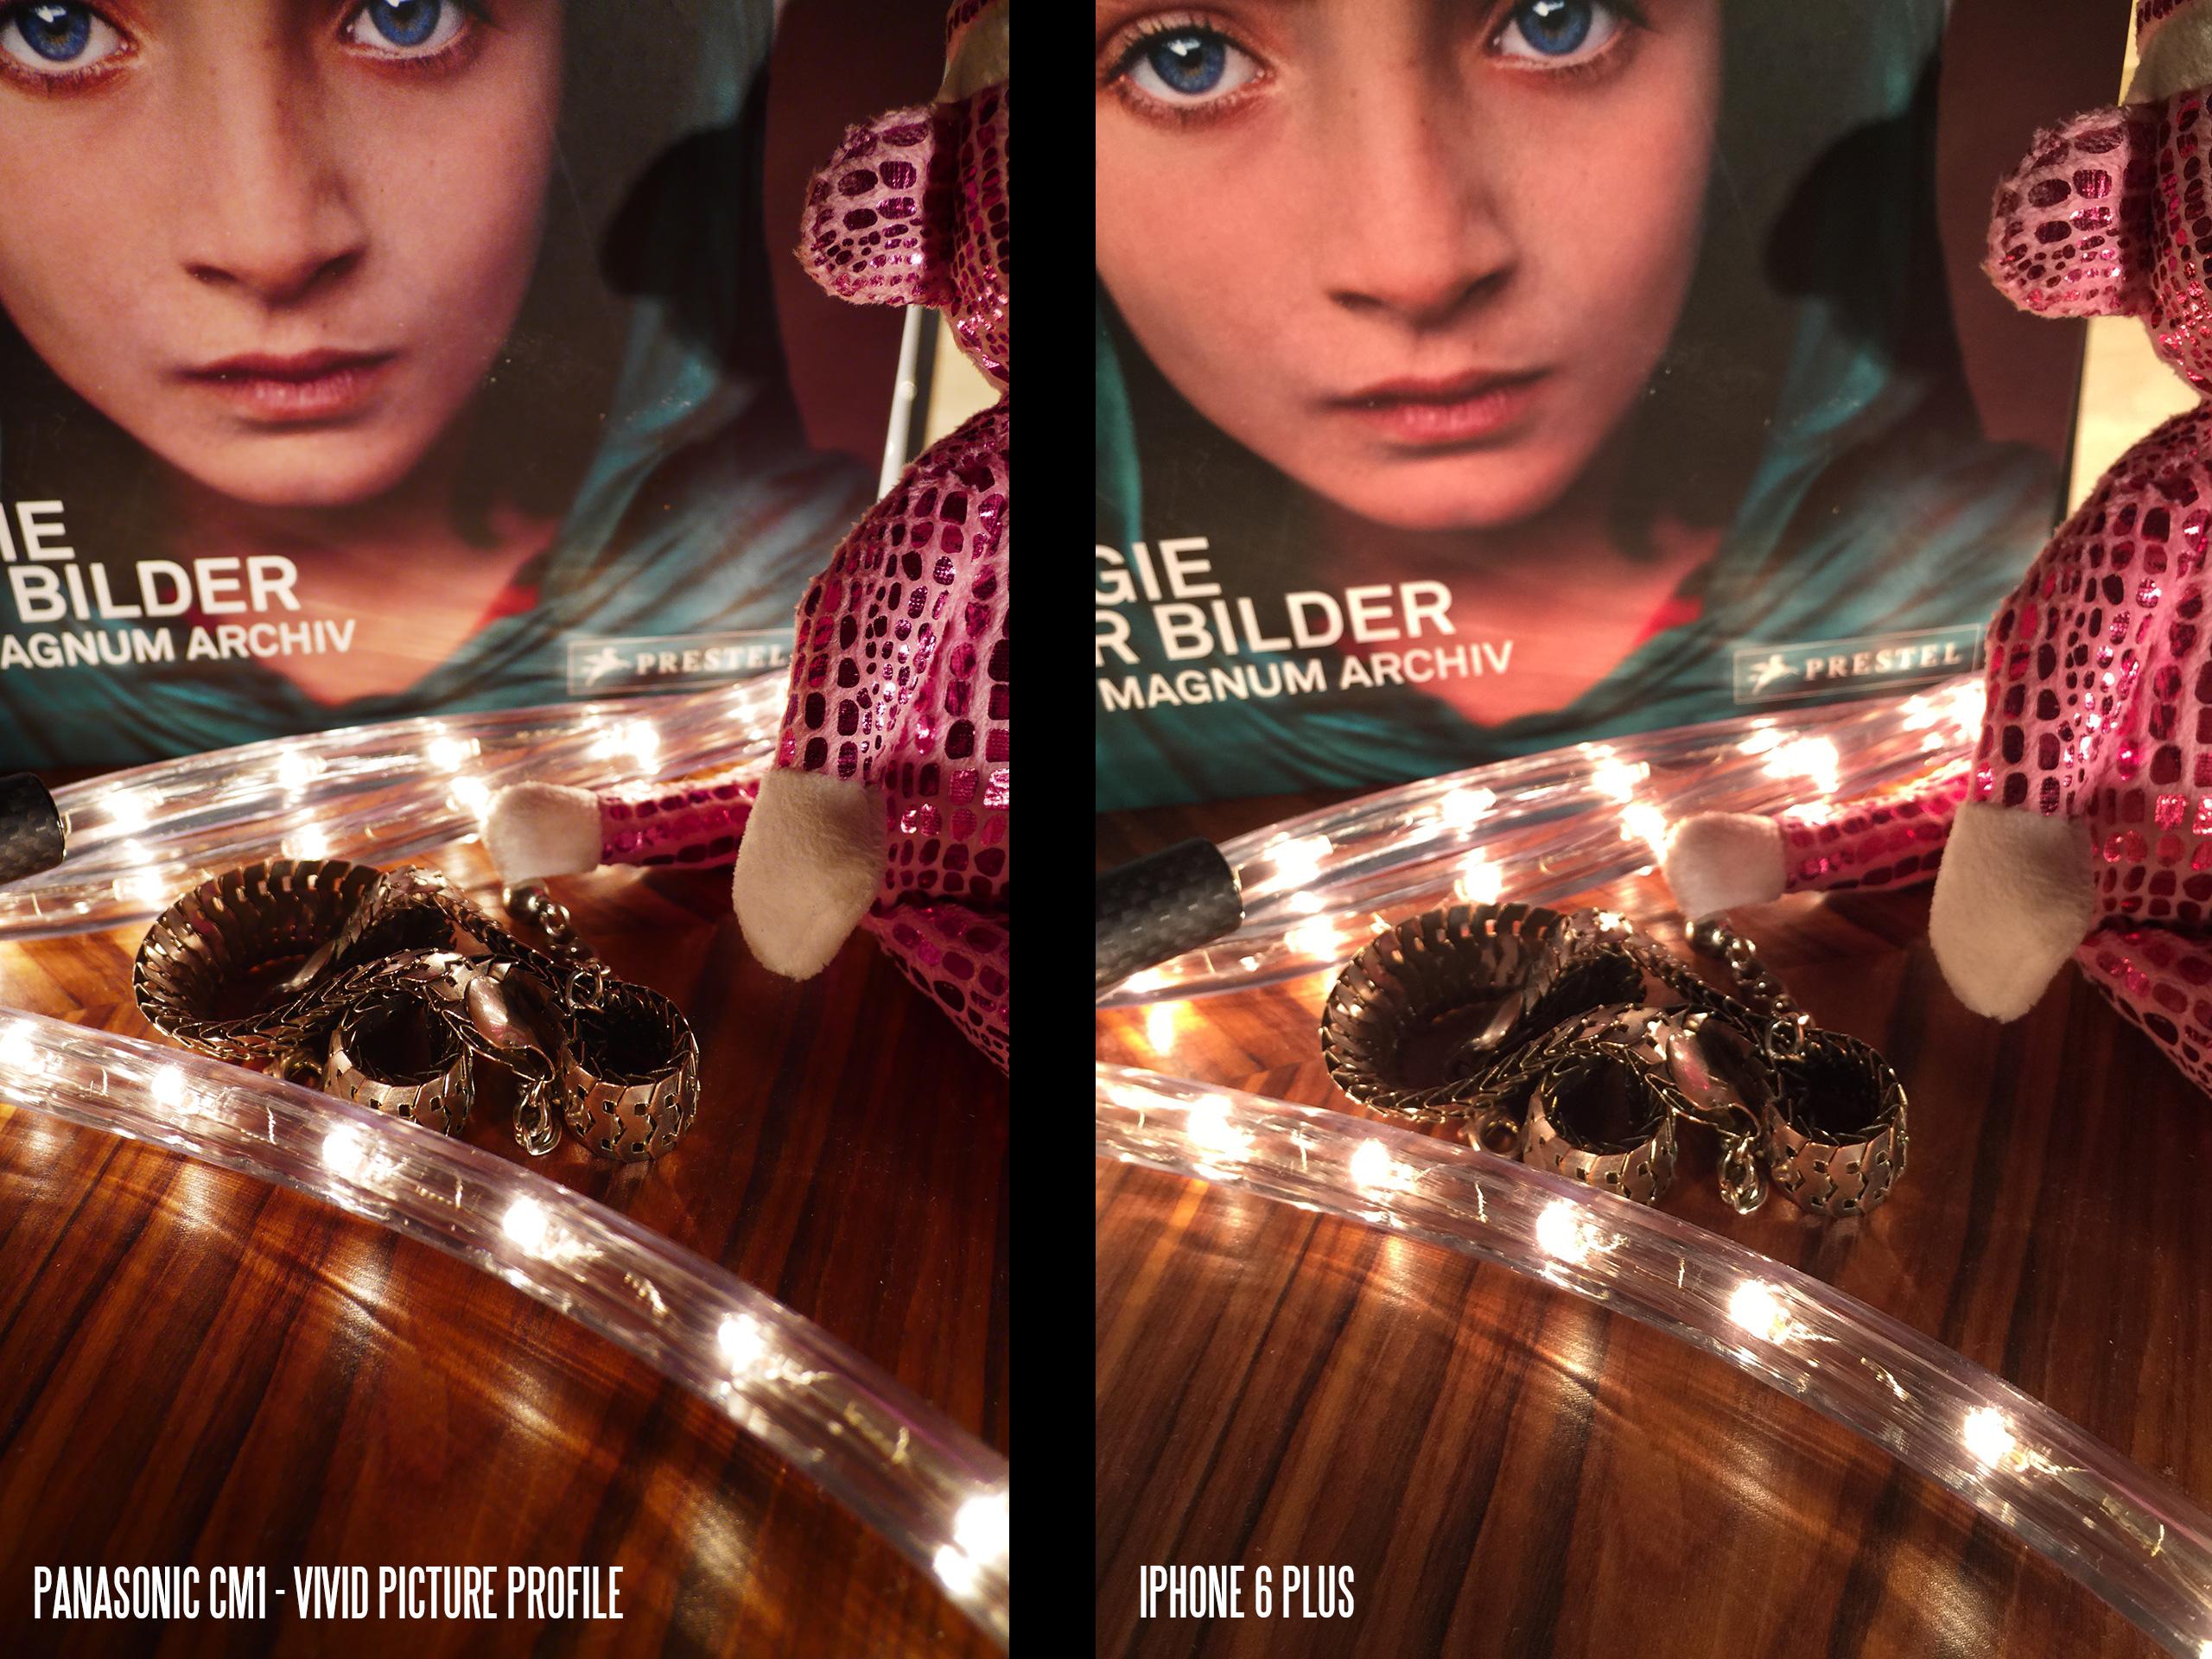 Camera - Panasonic CM1 vs iPhone 6 Plus